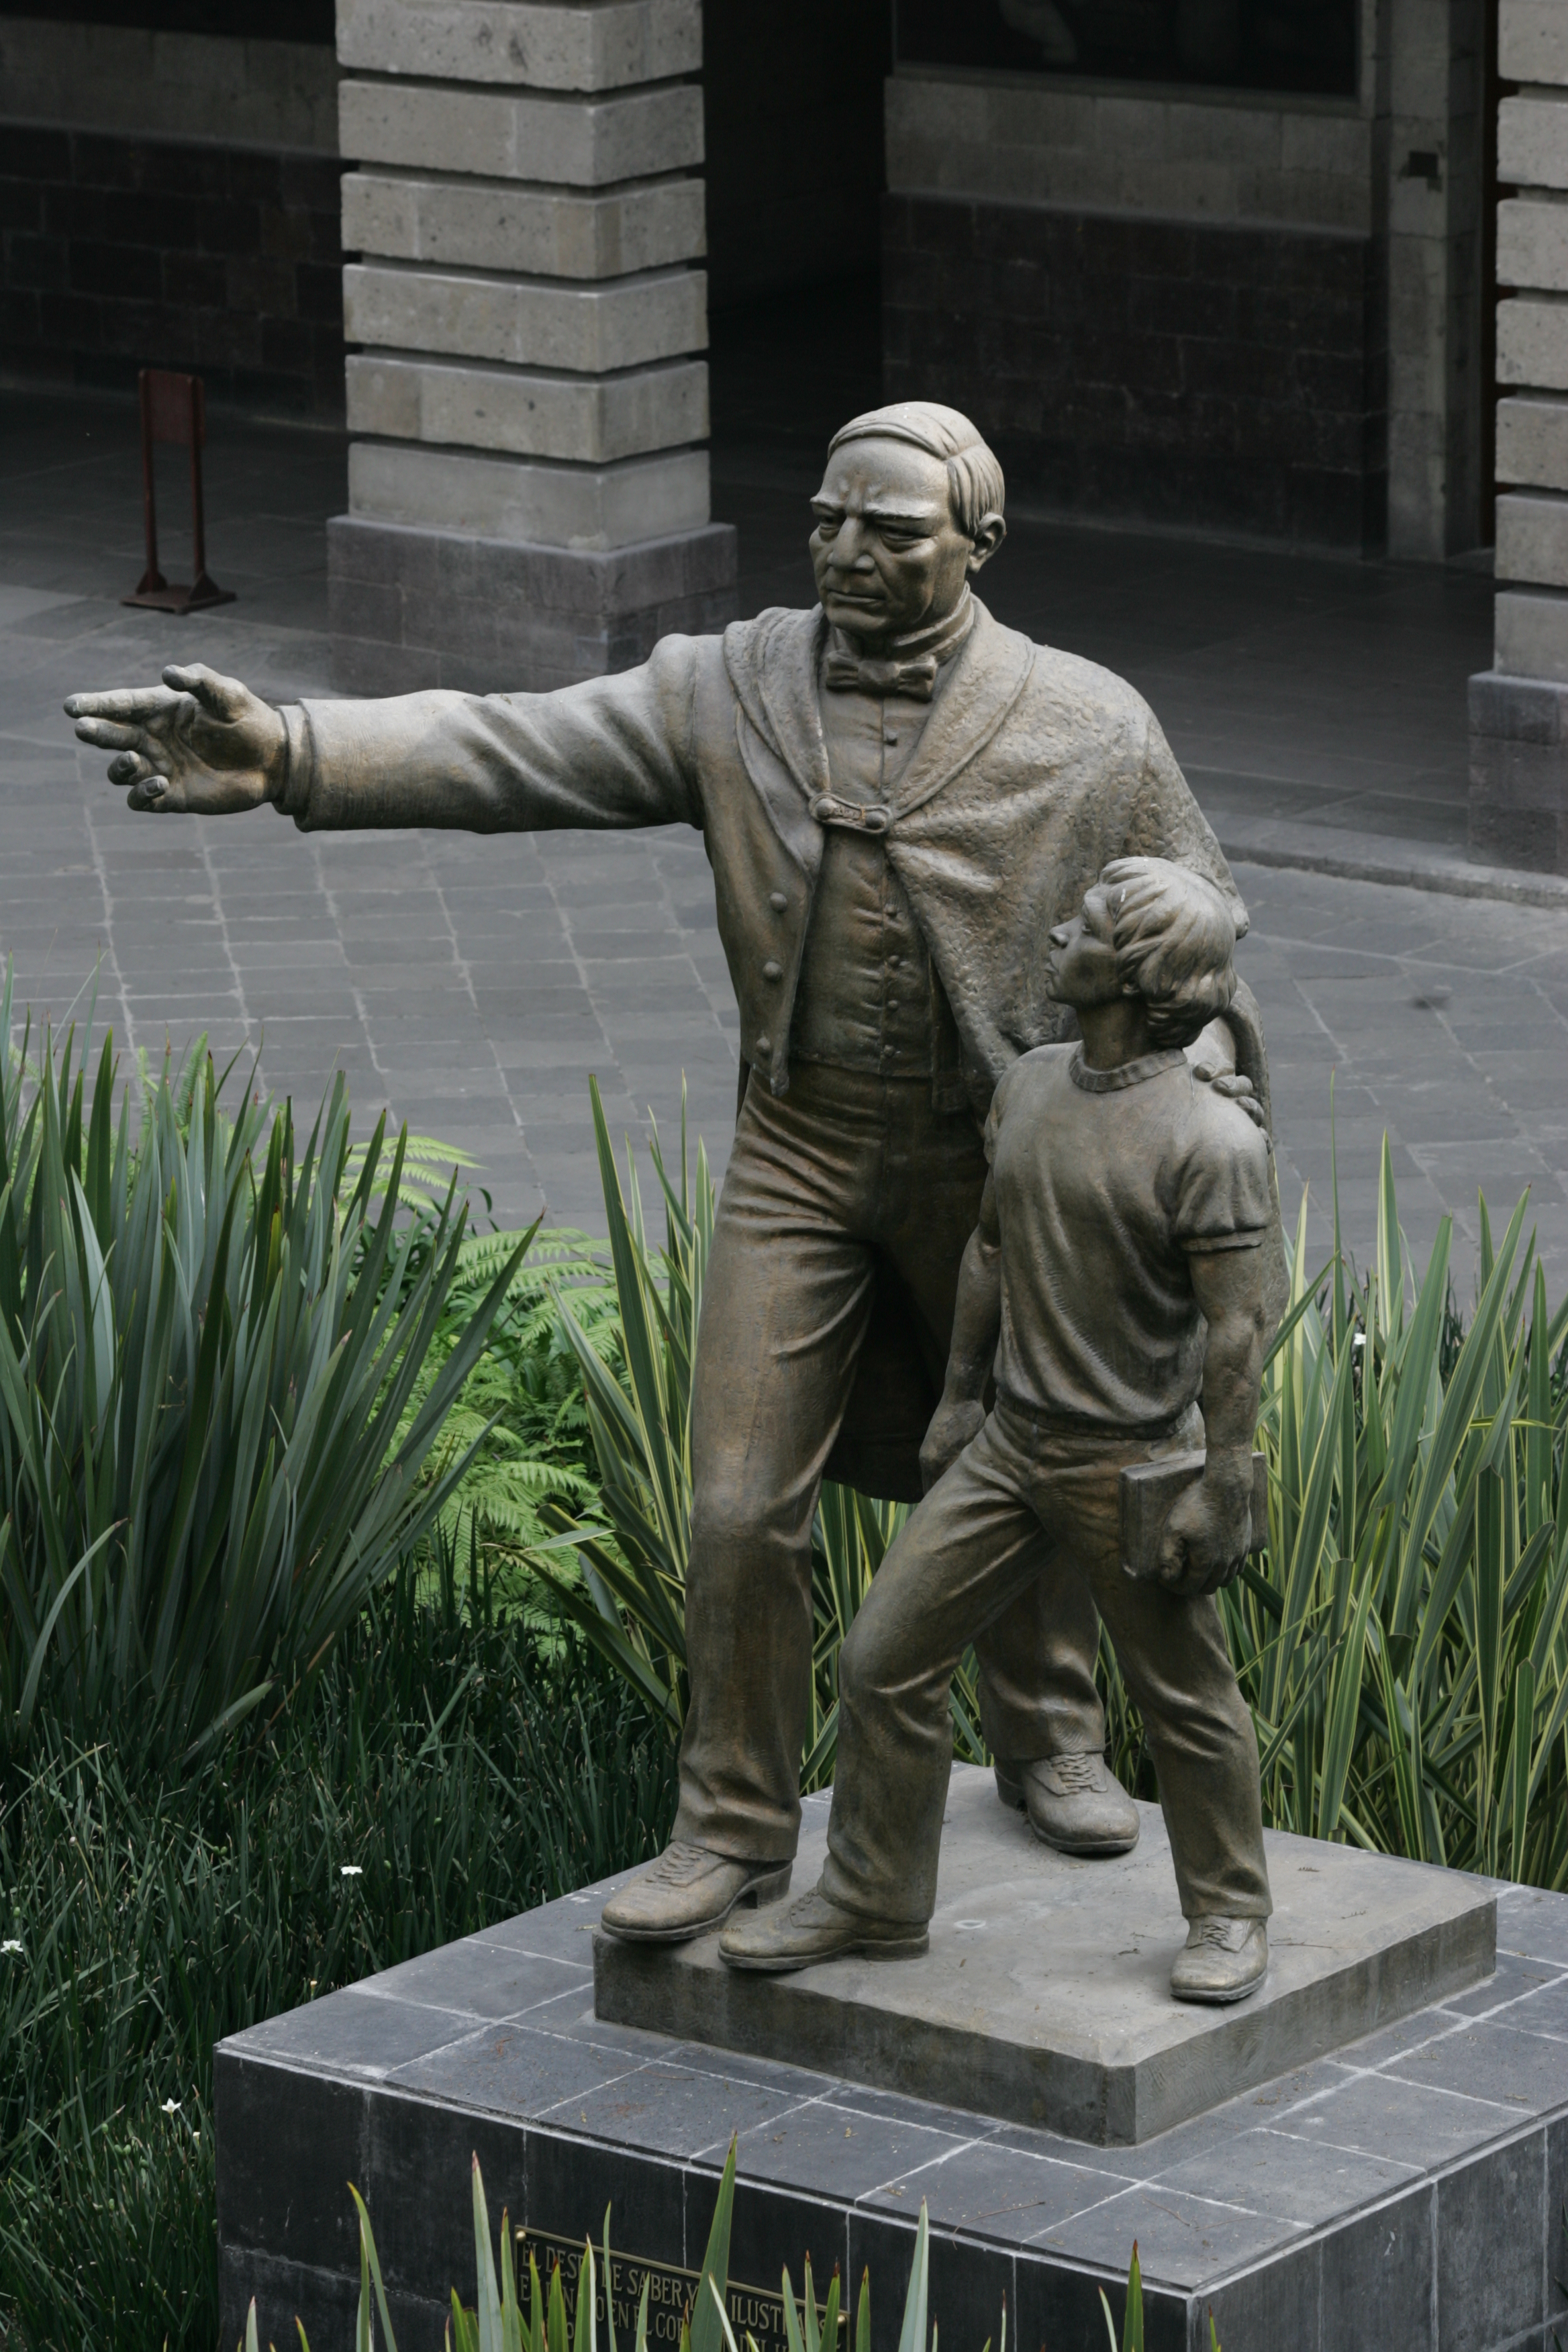 Estatua de Benito Juárez, ubicada en la Secretaría de Educación Pública